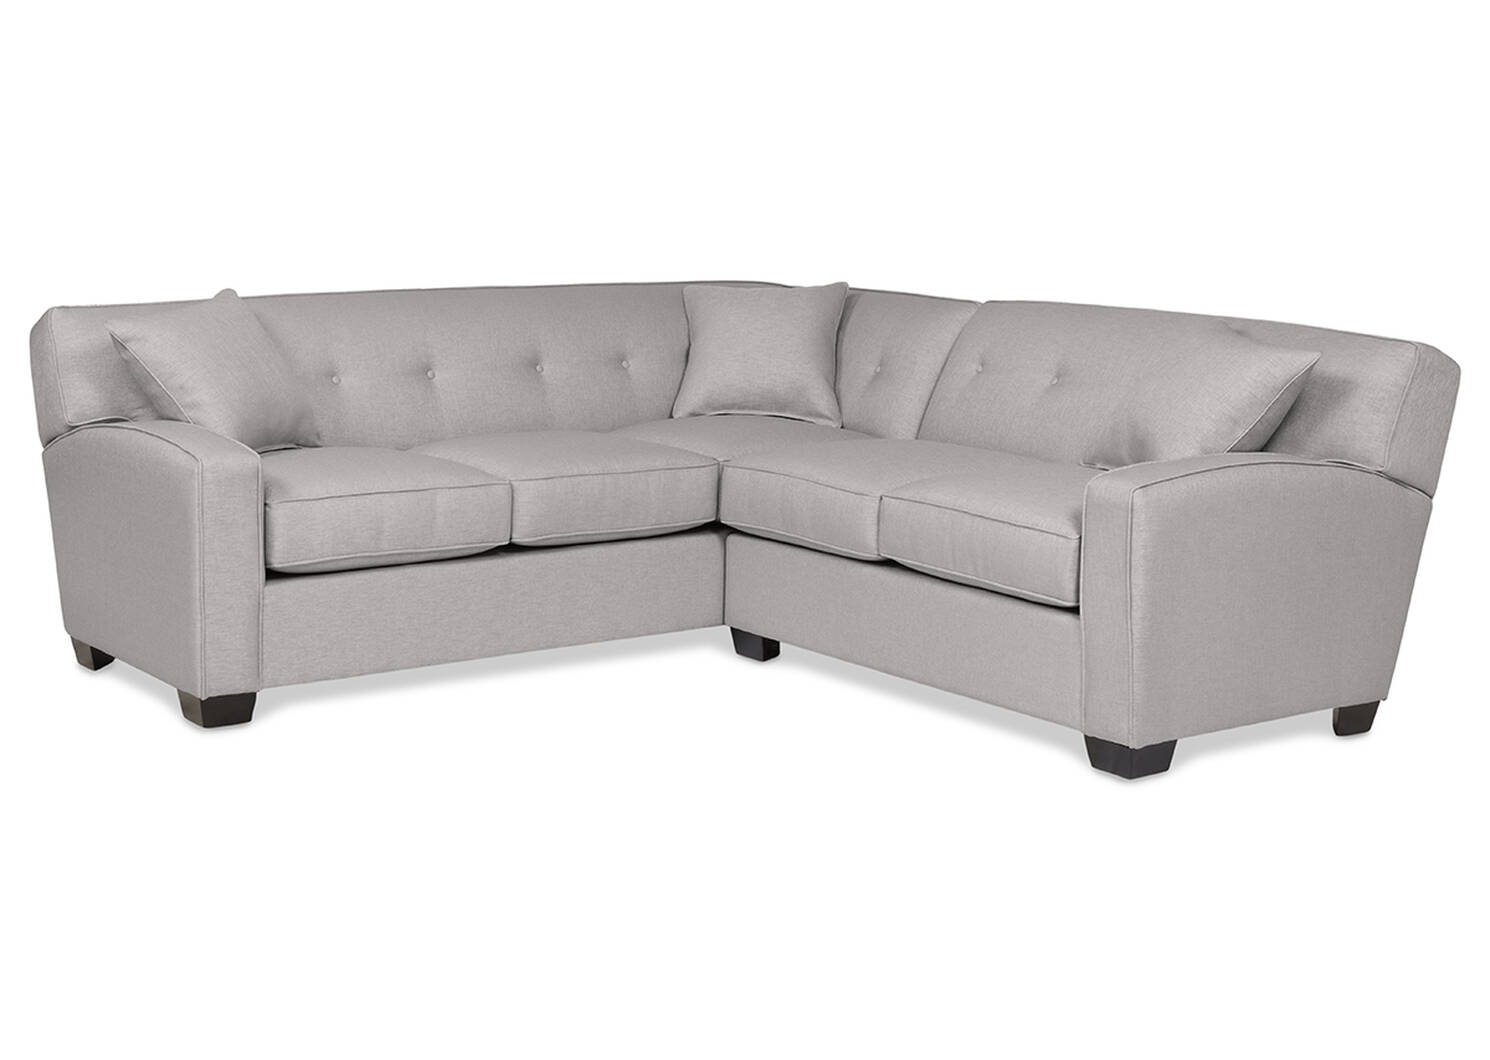 Canapé modulaire Harper personnalisé